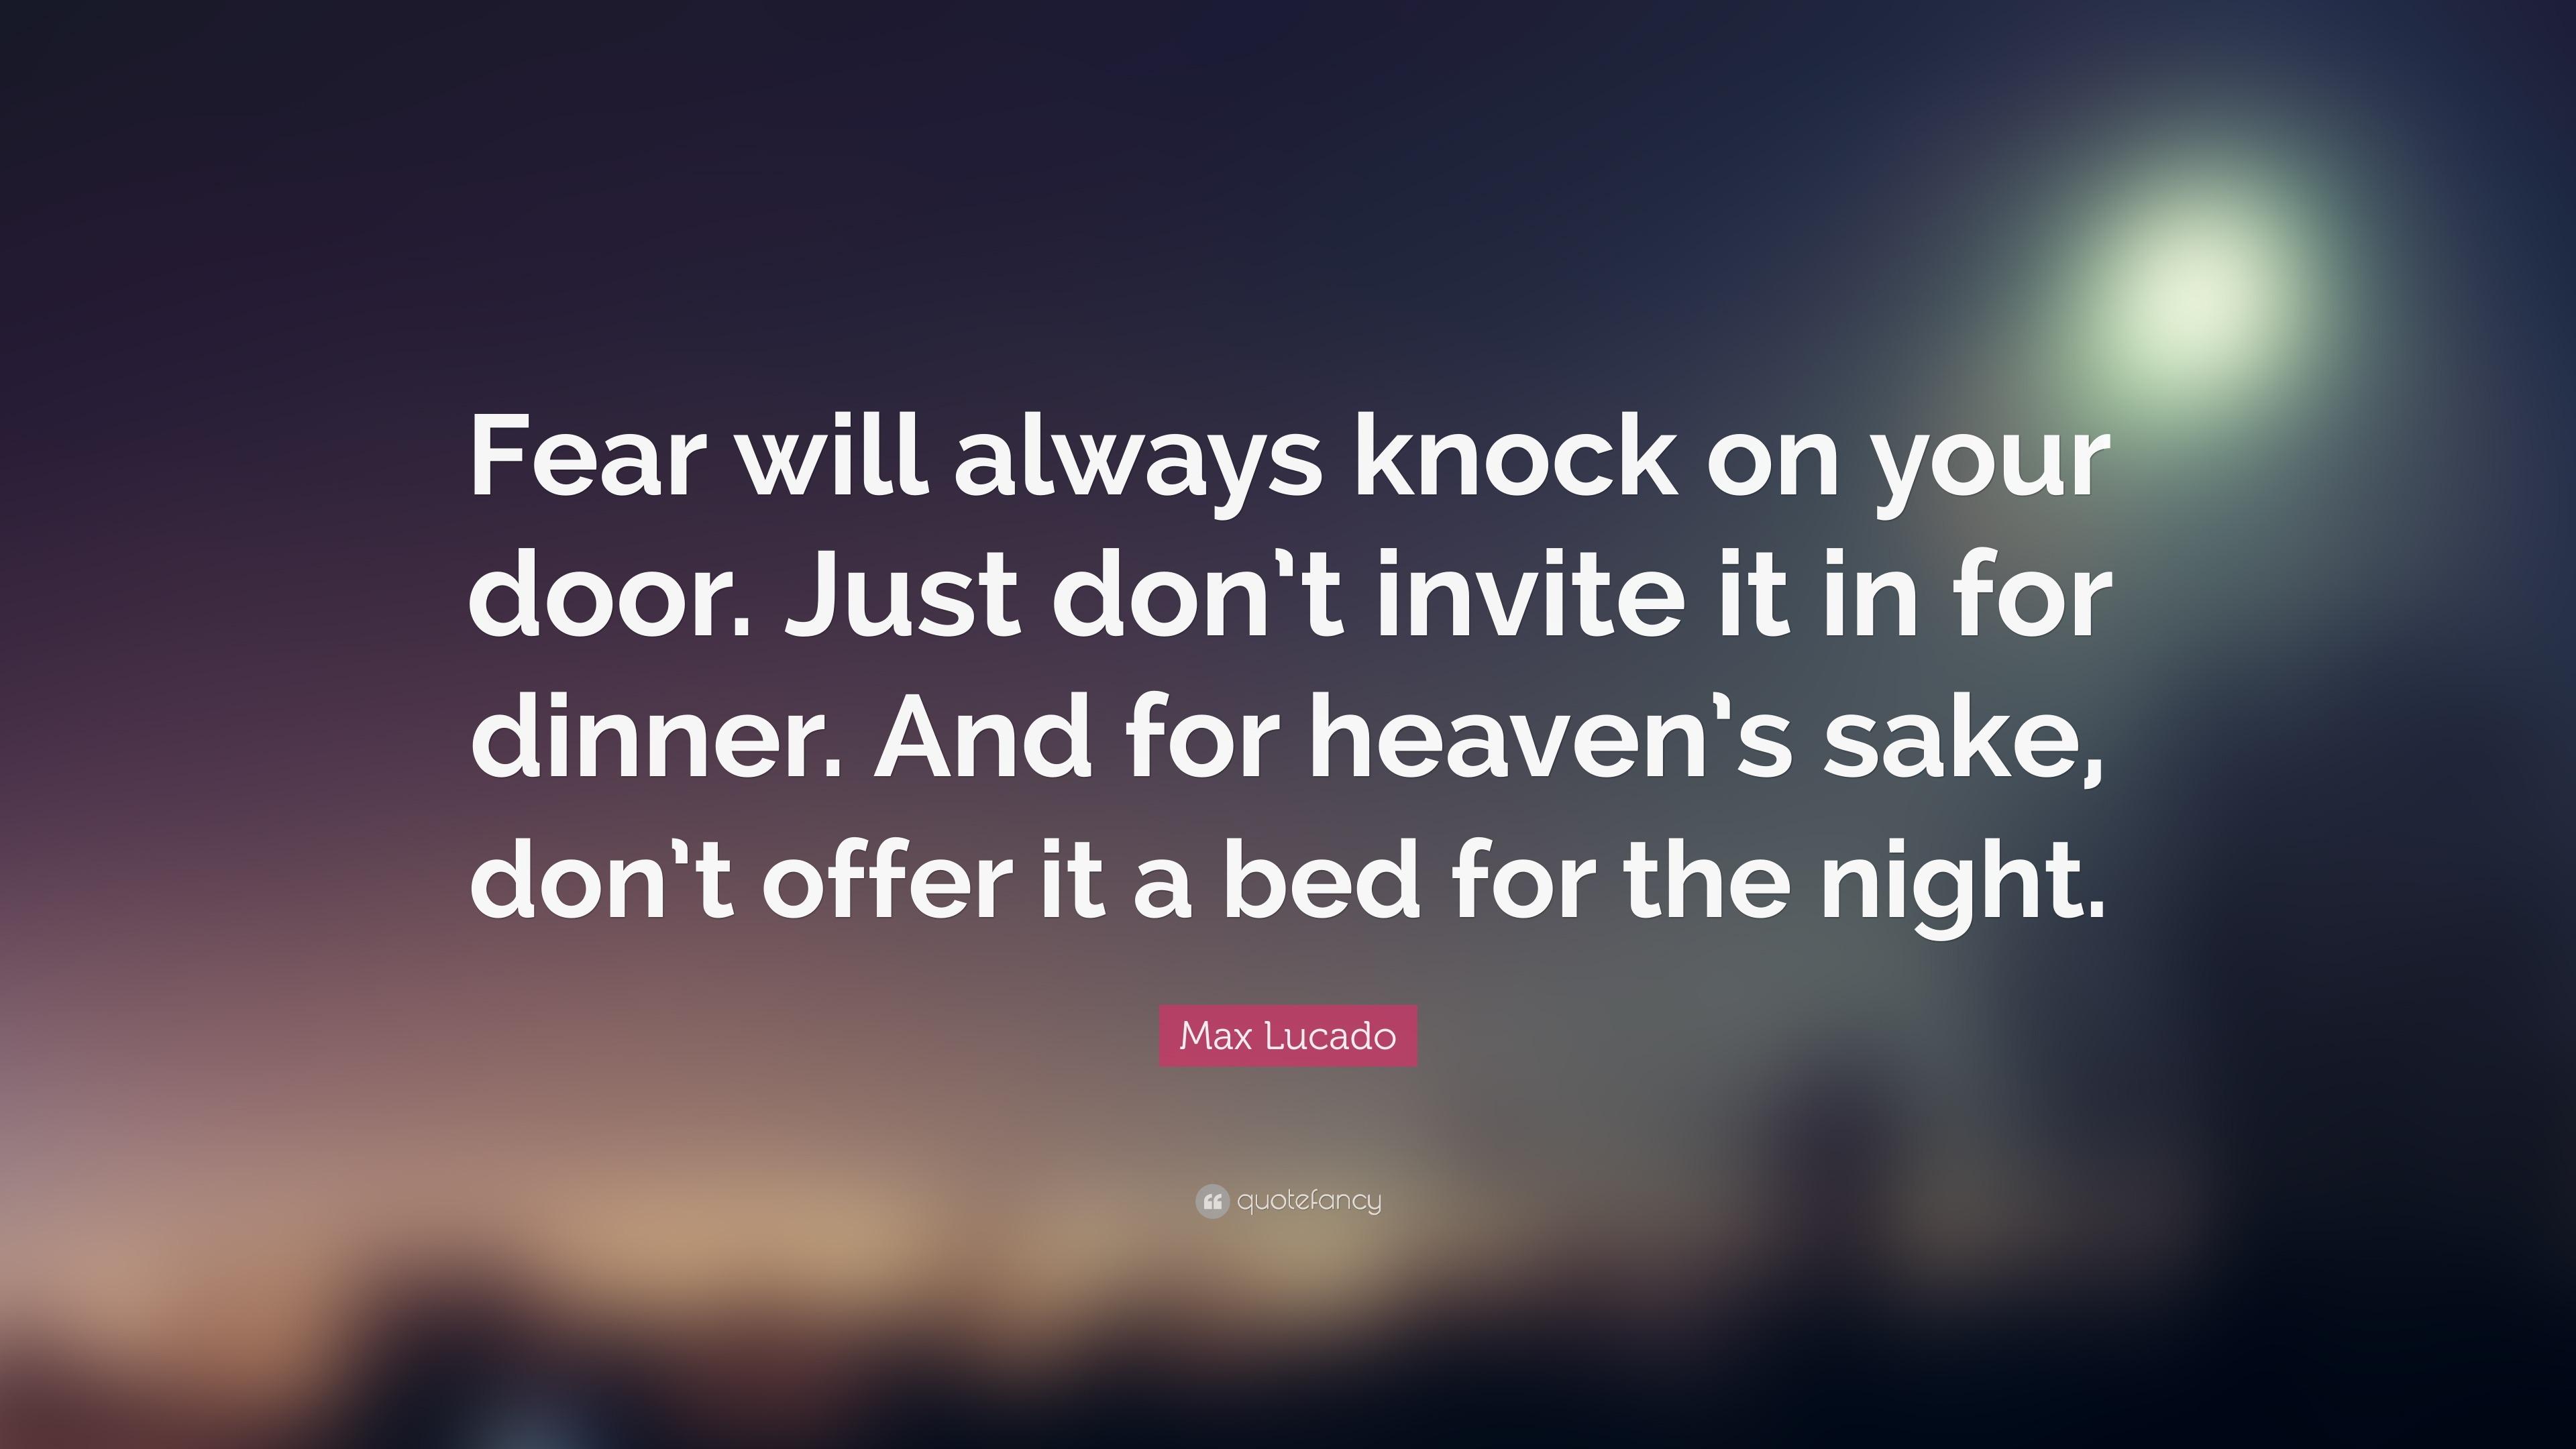 Just knock on the door